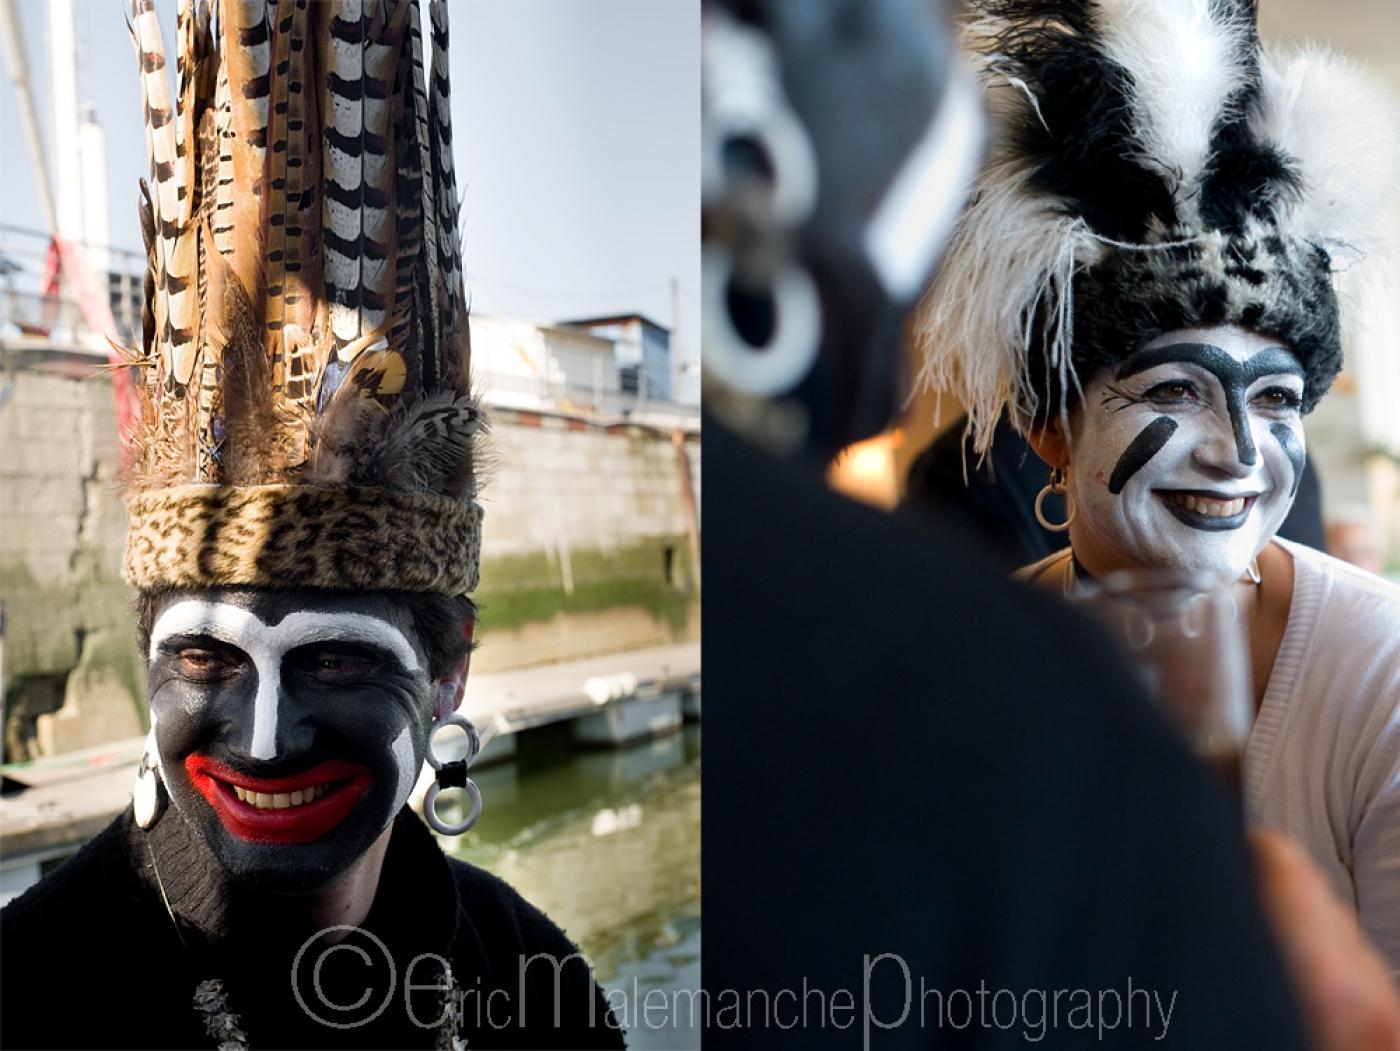 https://www.ericmalemanche.com/imagess/topics/carnaval-de-dunkerque/liste/Carnaval-Dunkerque-1243.jpg